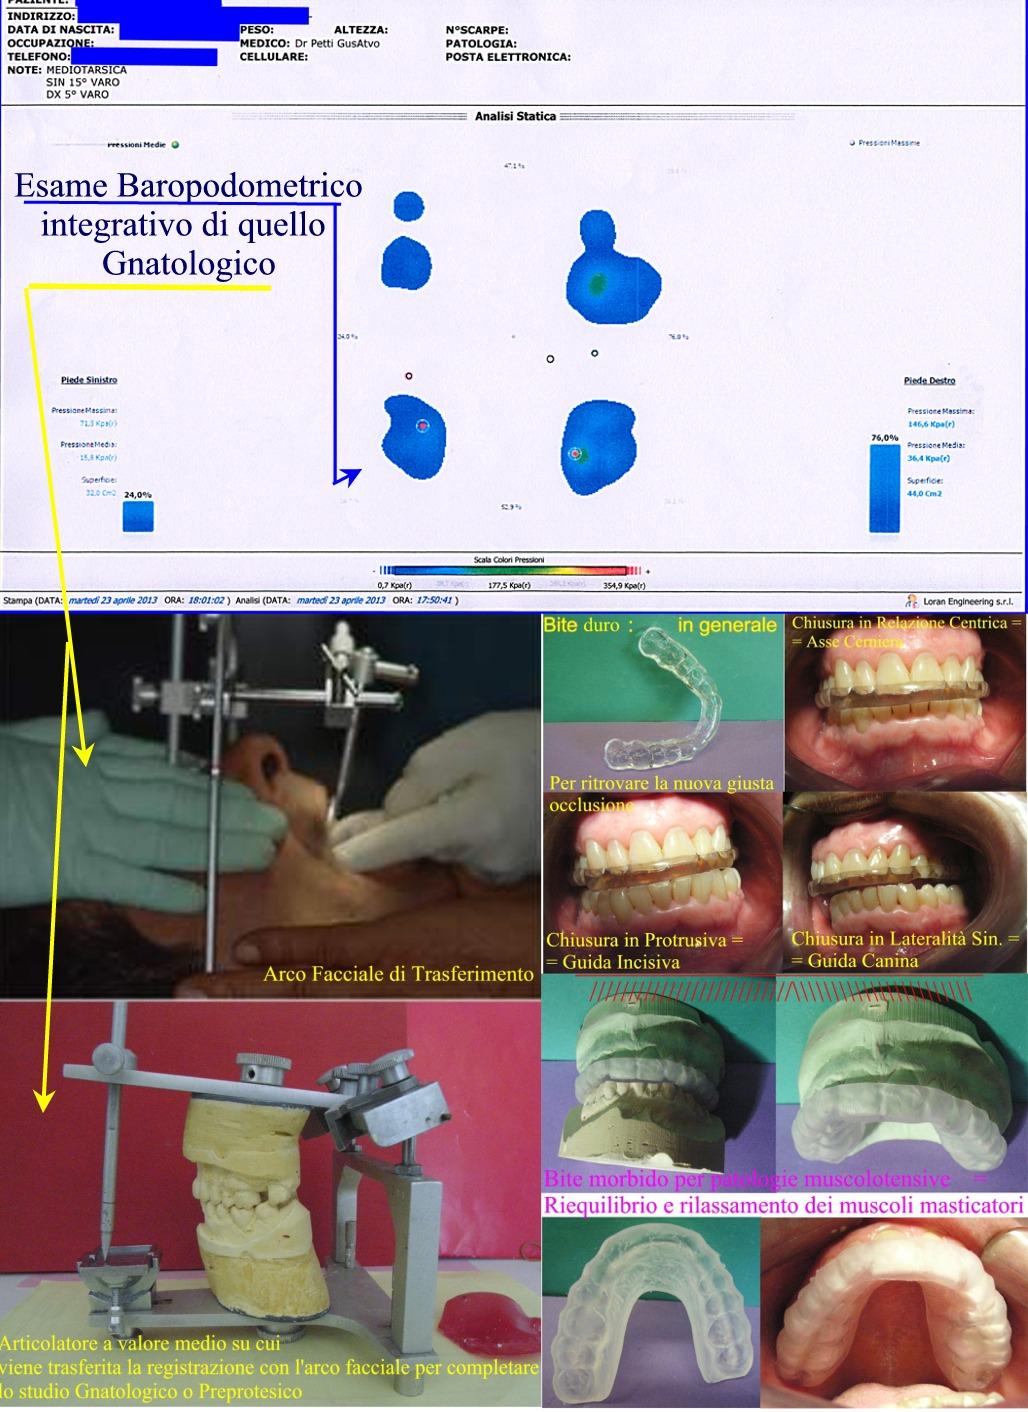 analisi-gnatologica-dr-g.petti-4.jpg